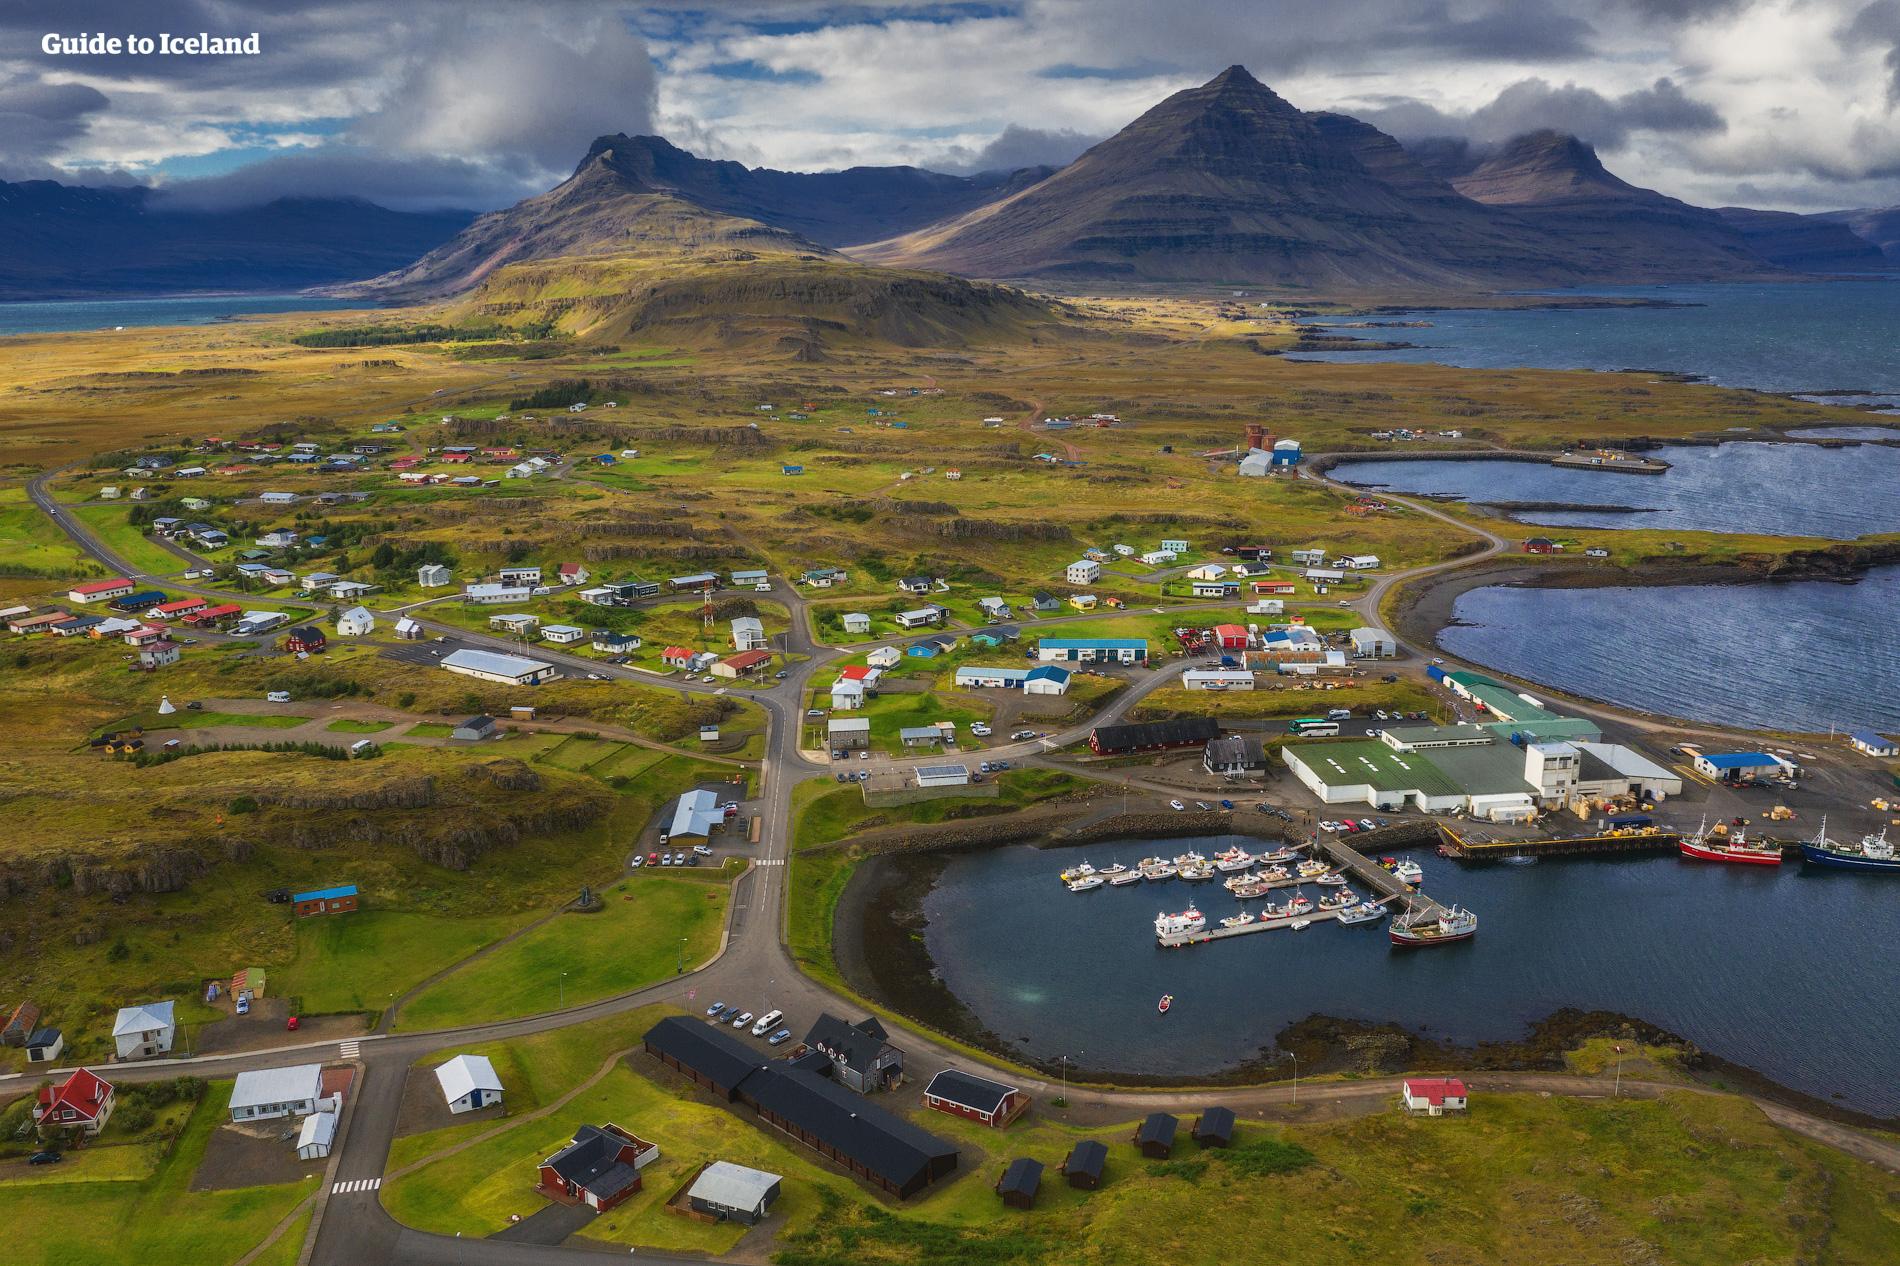 12-дневный автотур | Круг вокруг Исландии по Национальным паркам - day 5